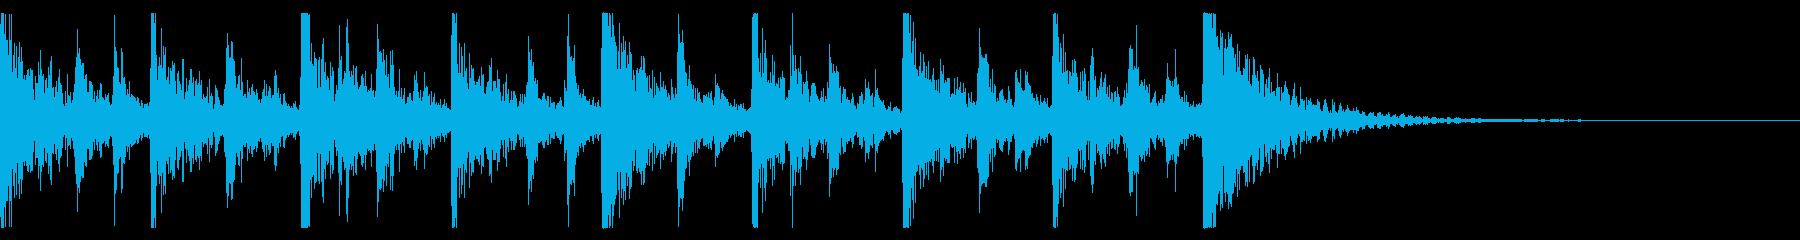 ドカドカと賑やかな打楽器のアンサンブルの再生済みの波形